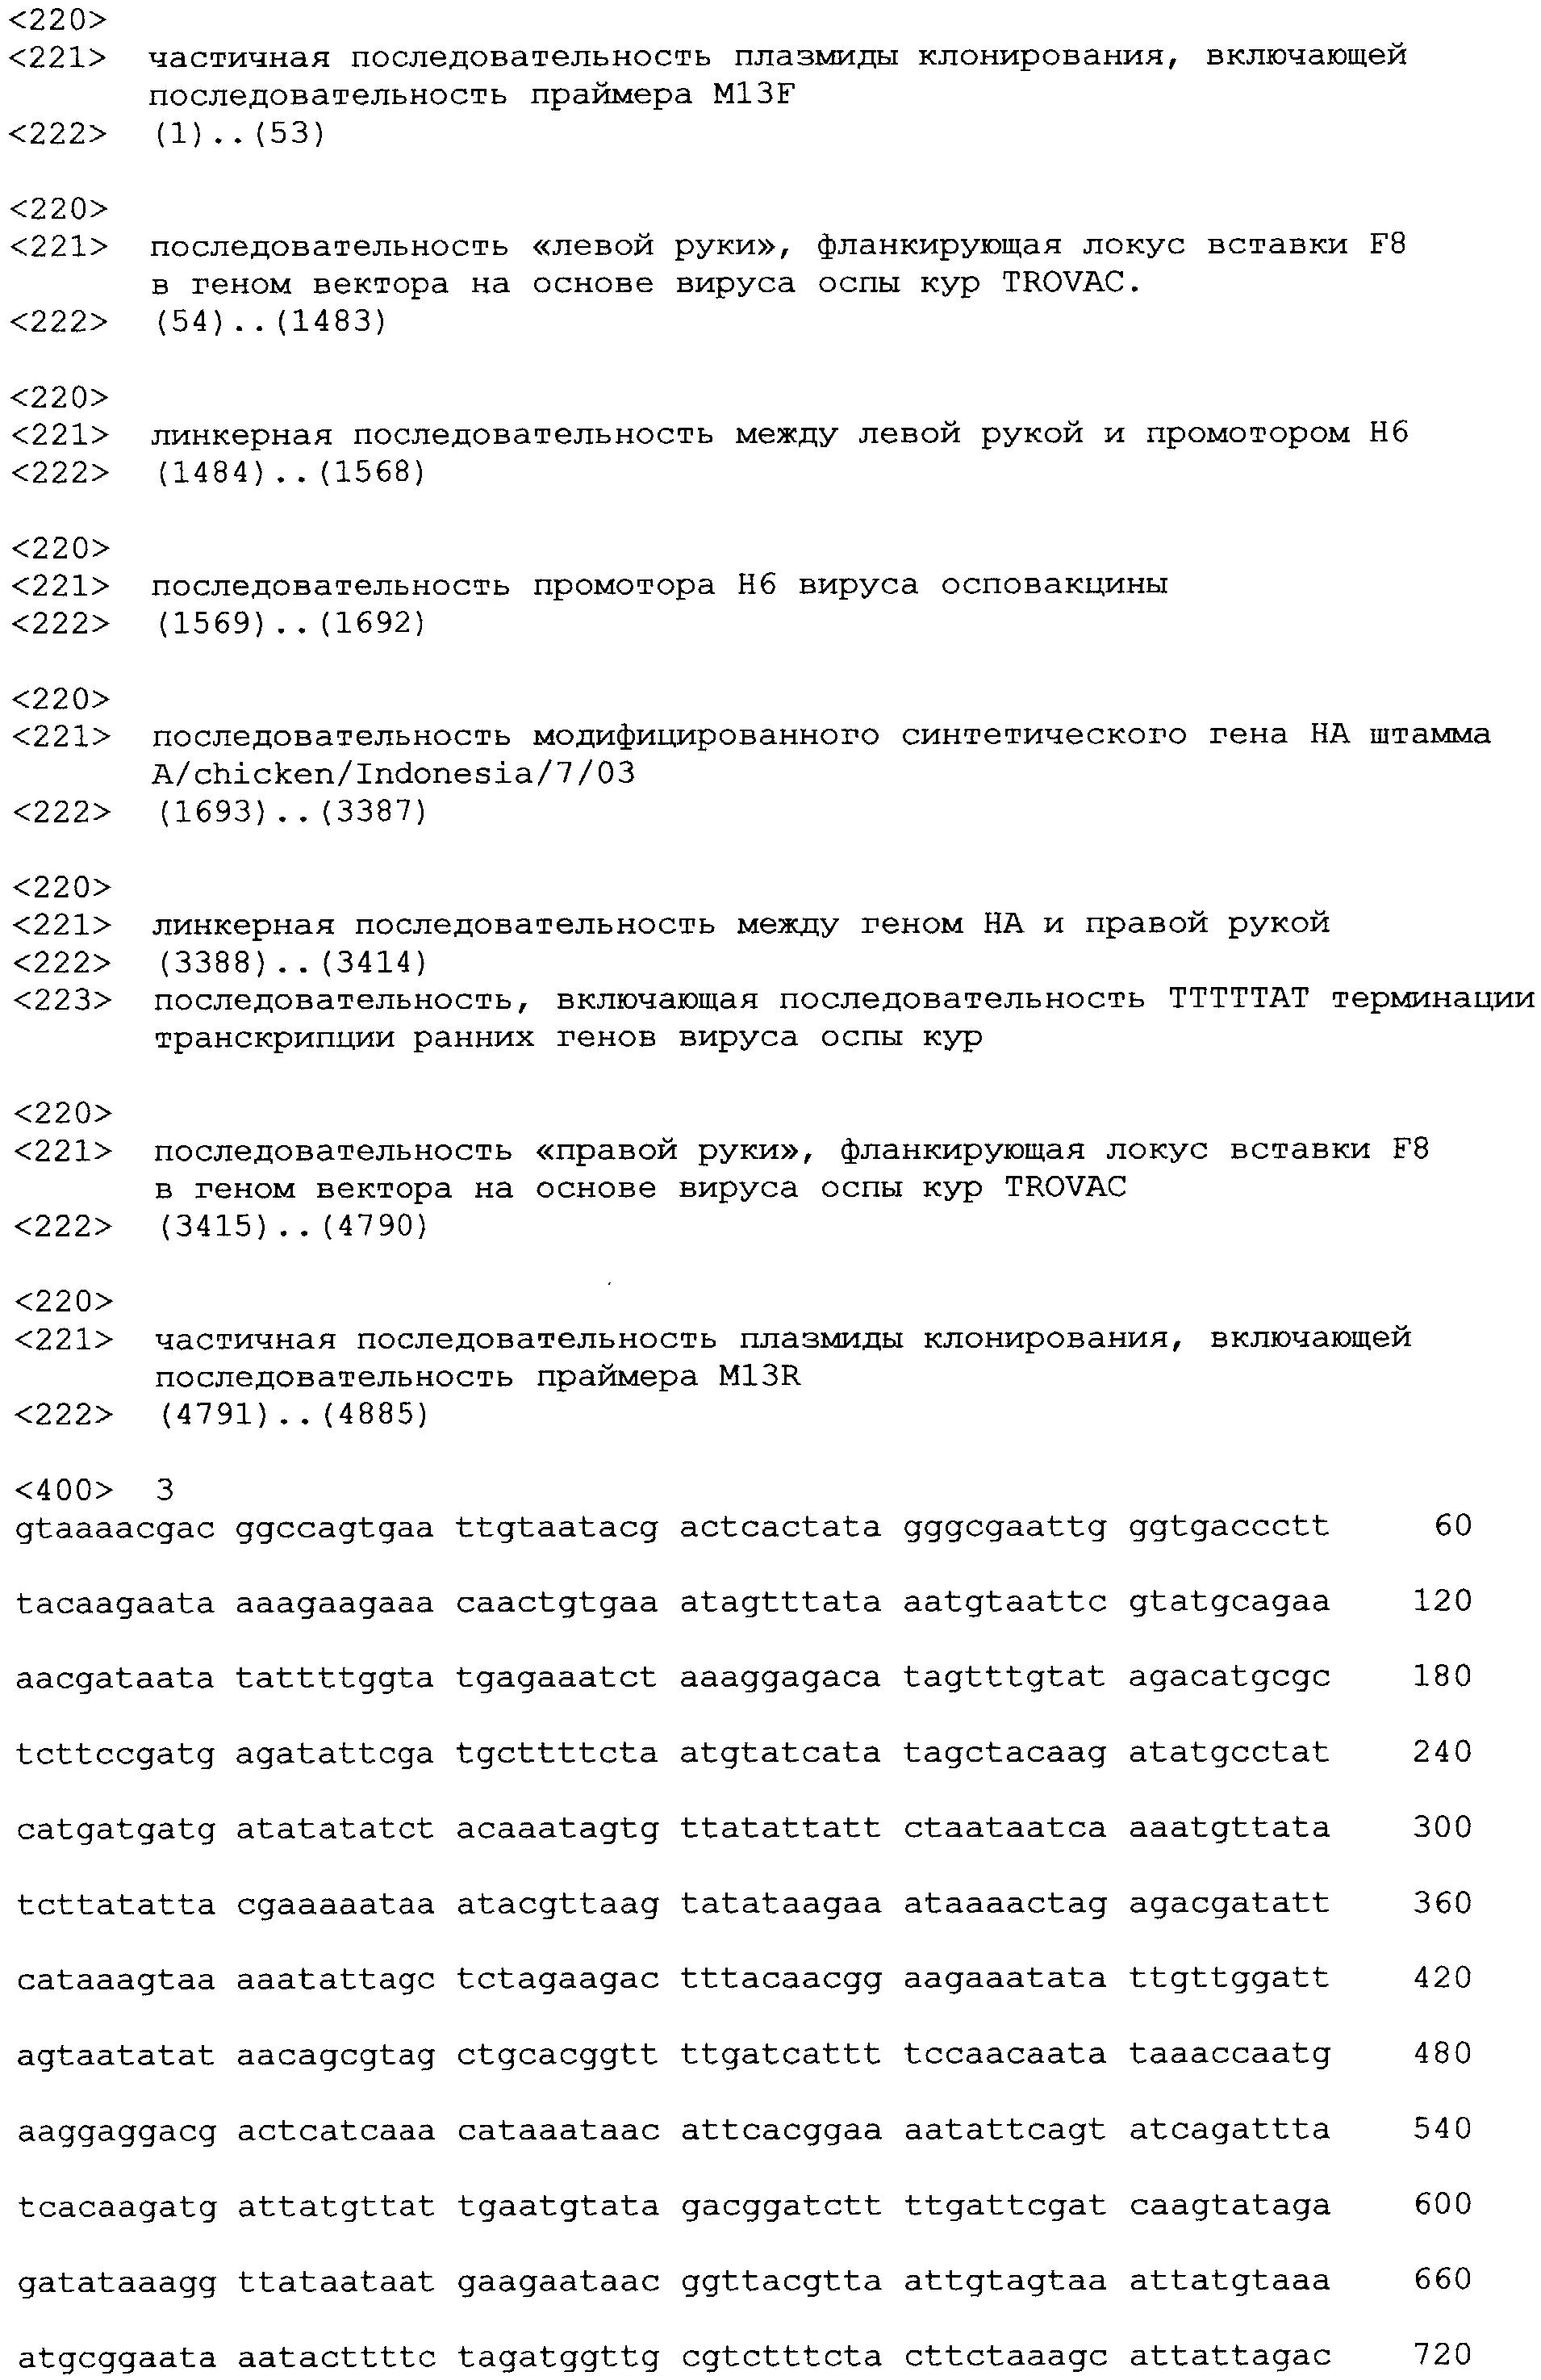 Фрагментация хромосом при б. ньюкасла